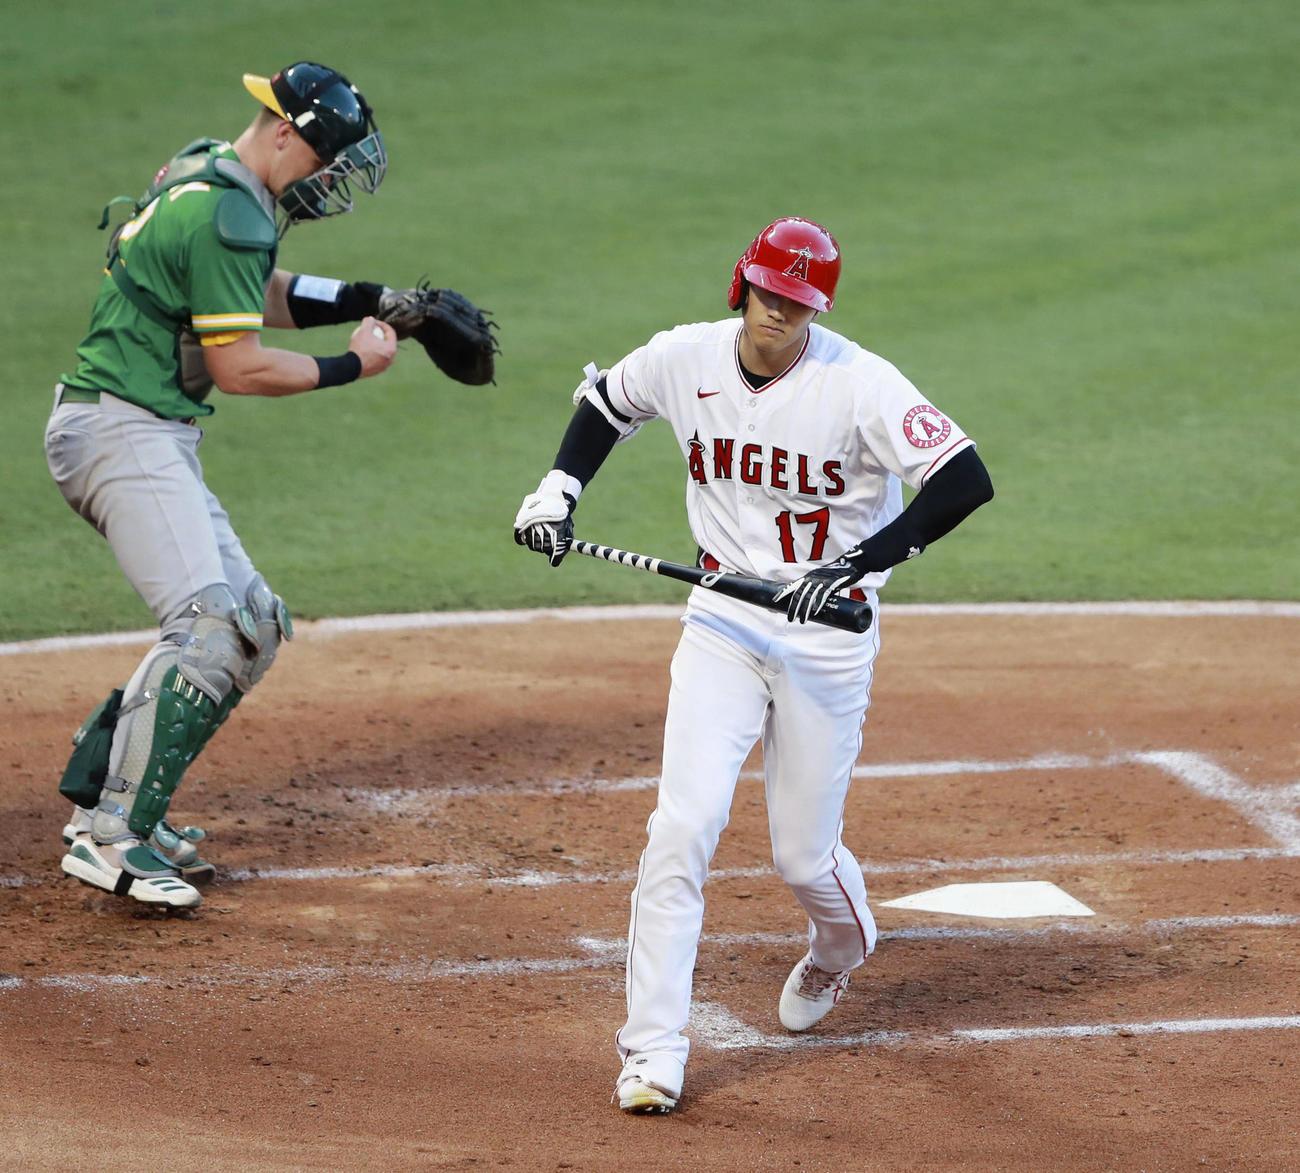 アスレチックス戦の1回、四球を選び一塁へ向かうエンゼルス大谷(共同)